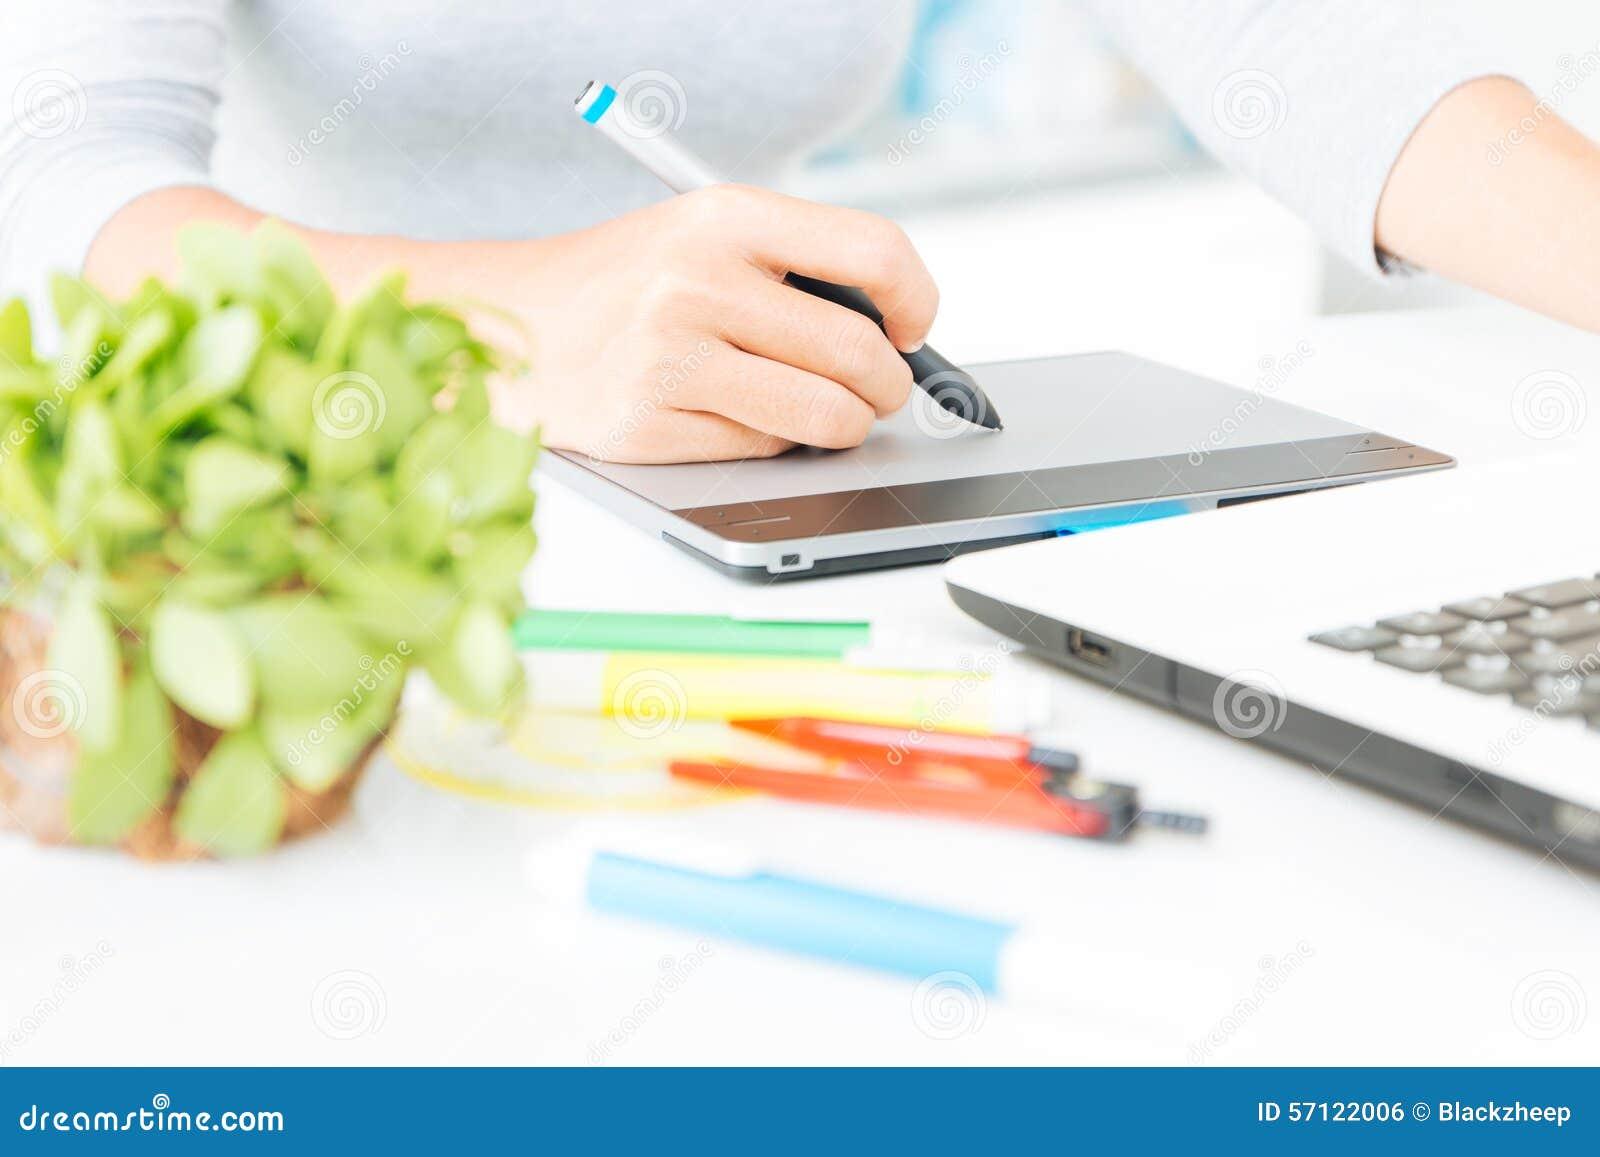 close up designer using graphic tablet design stock photo. Black Bedroom Furniture Sets. Home Design Ideas